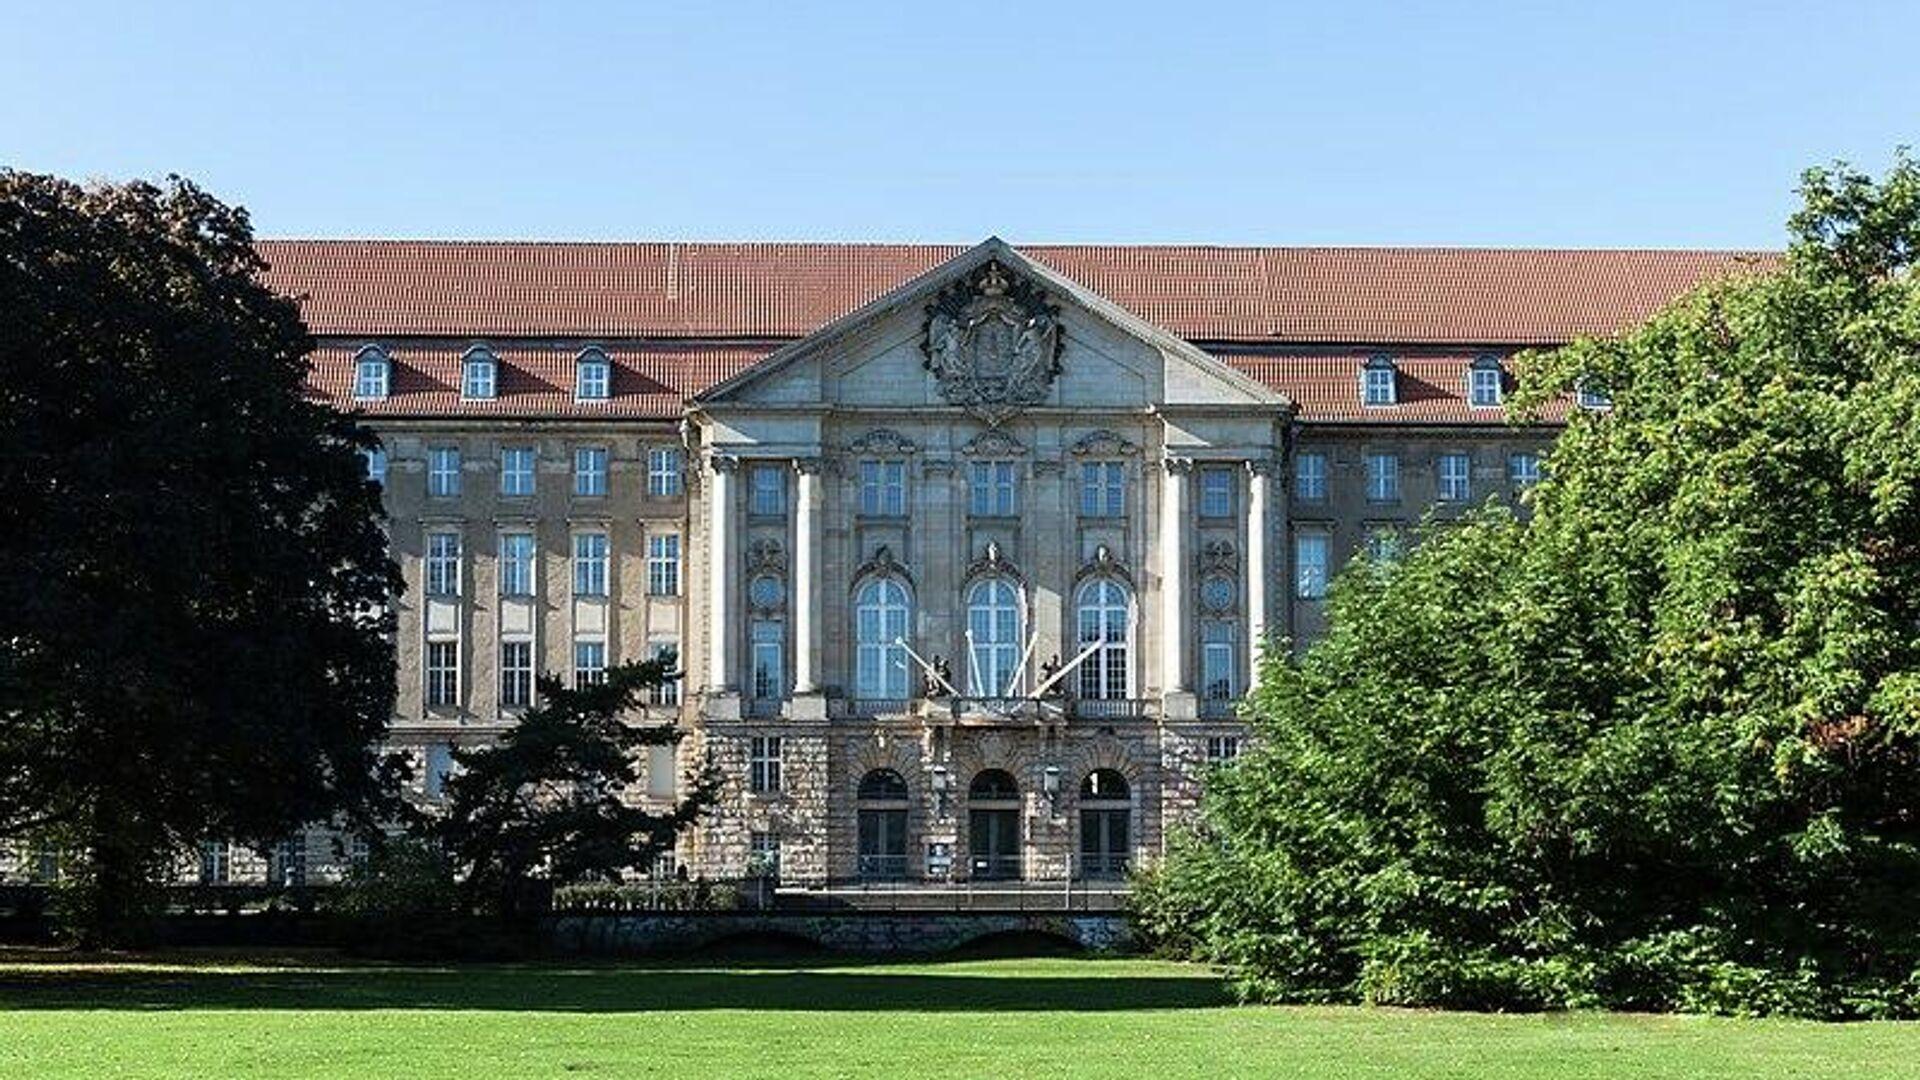 Das Kammergericht im Heinrich-von-Kleist-Park in Berlin (Symbolbild) - SNA, 1920, 16.07.2021